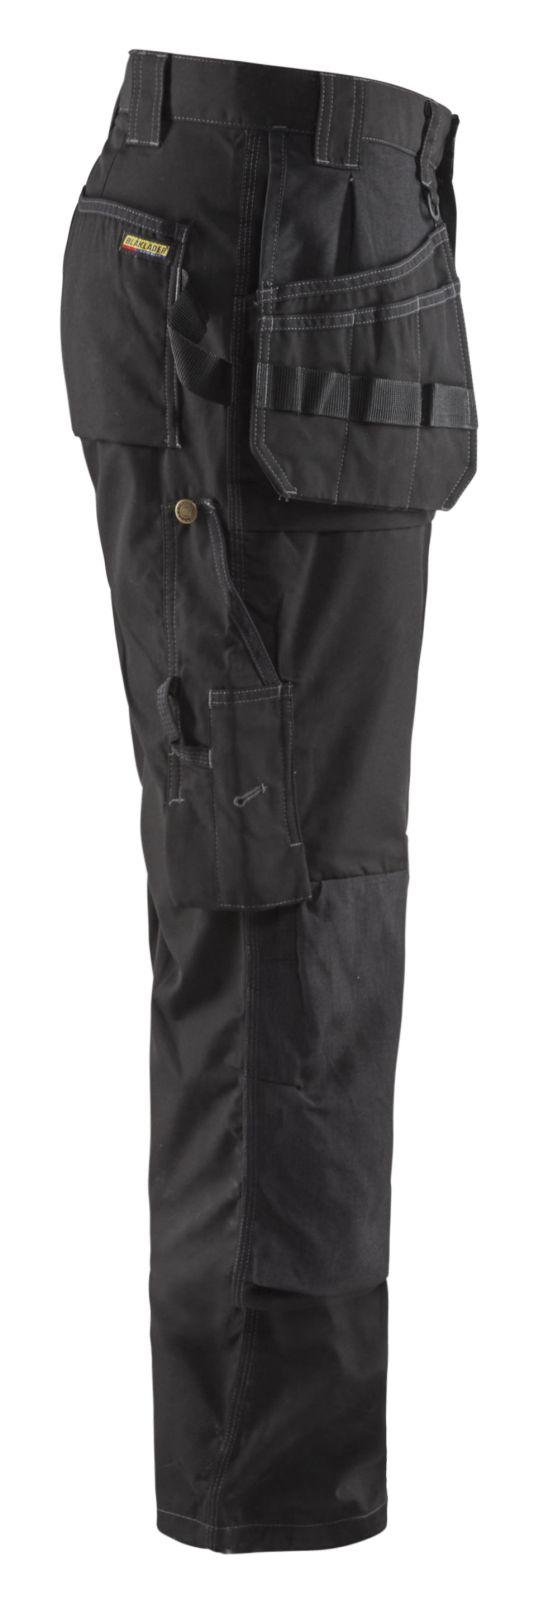 Blaklader Werkbroeken 15251845 zwart(9900)